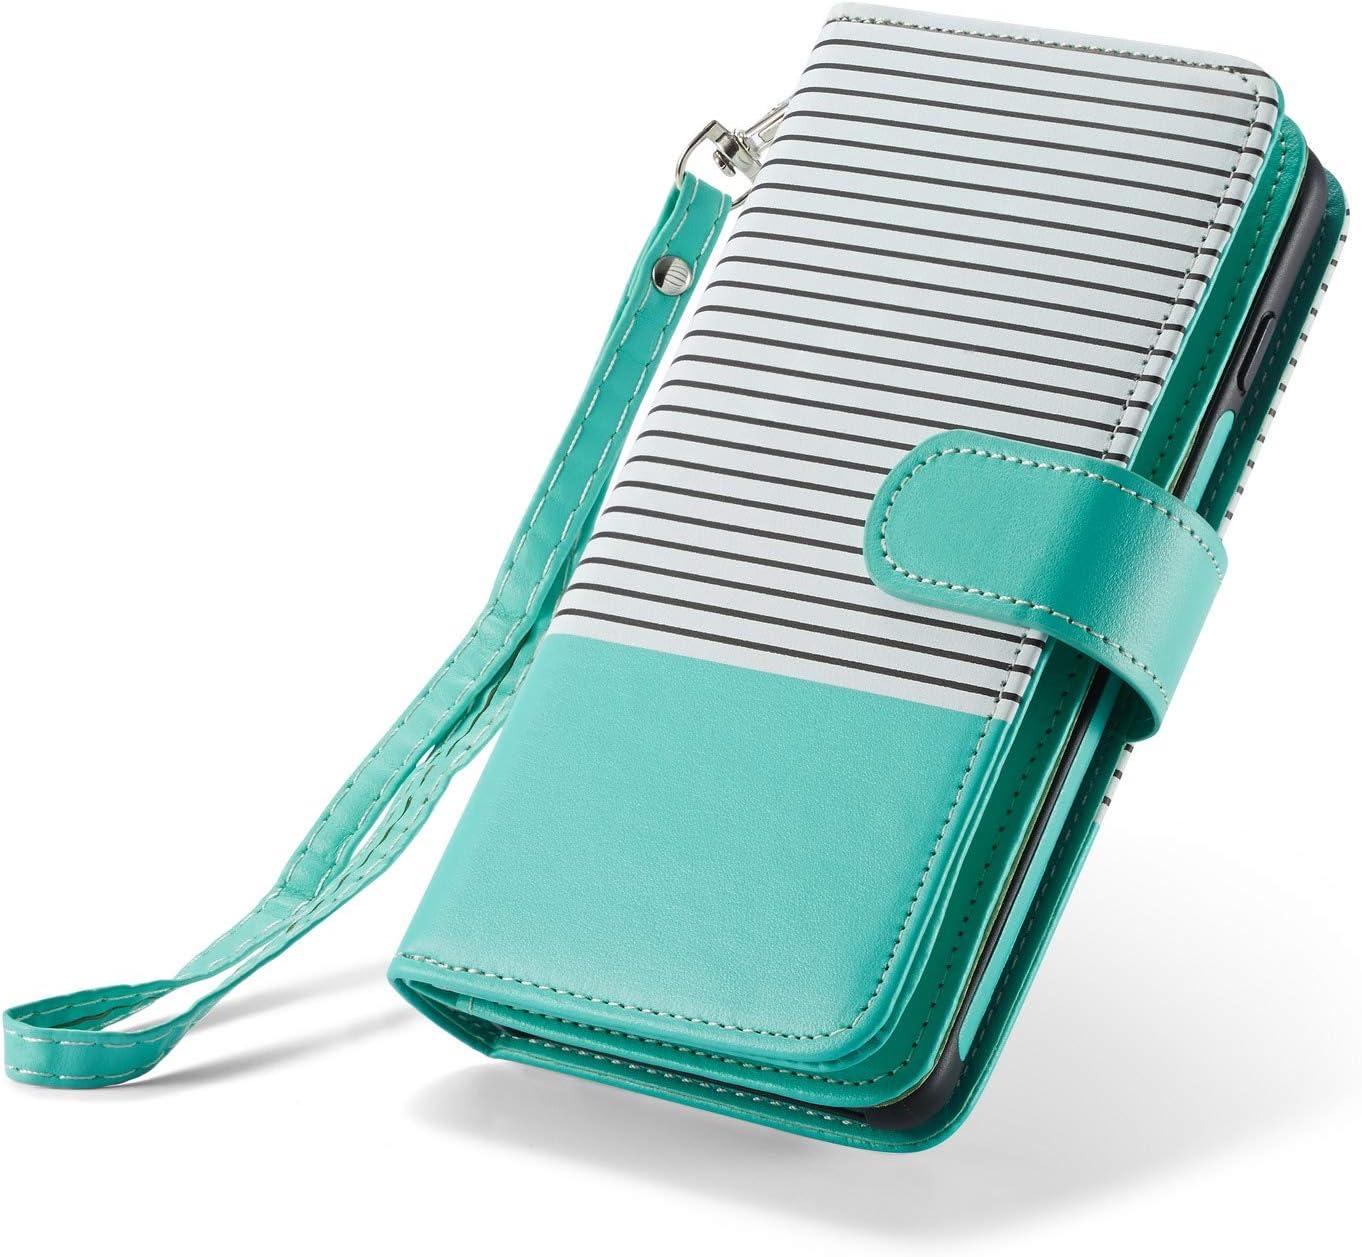 Nadoli Coque pour Samsung Galaxy S10 Plus Portefeuille Coque,/Épissure Glitter Bling PU /étui en Cuir Fentes pour Cartes Fermoir magn/étique Stand Flip Wallet Housse Etui Cover,Noir